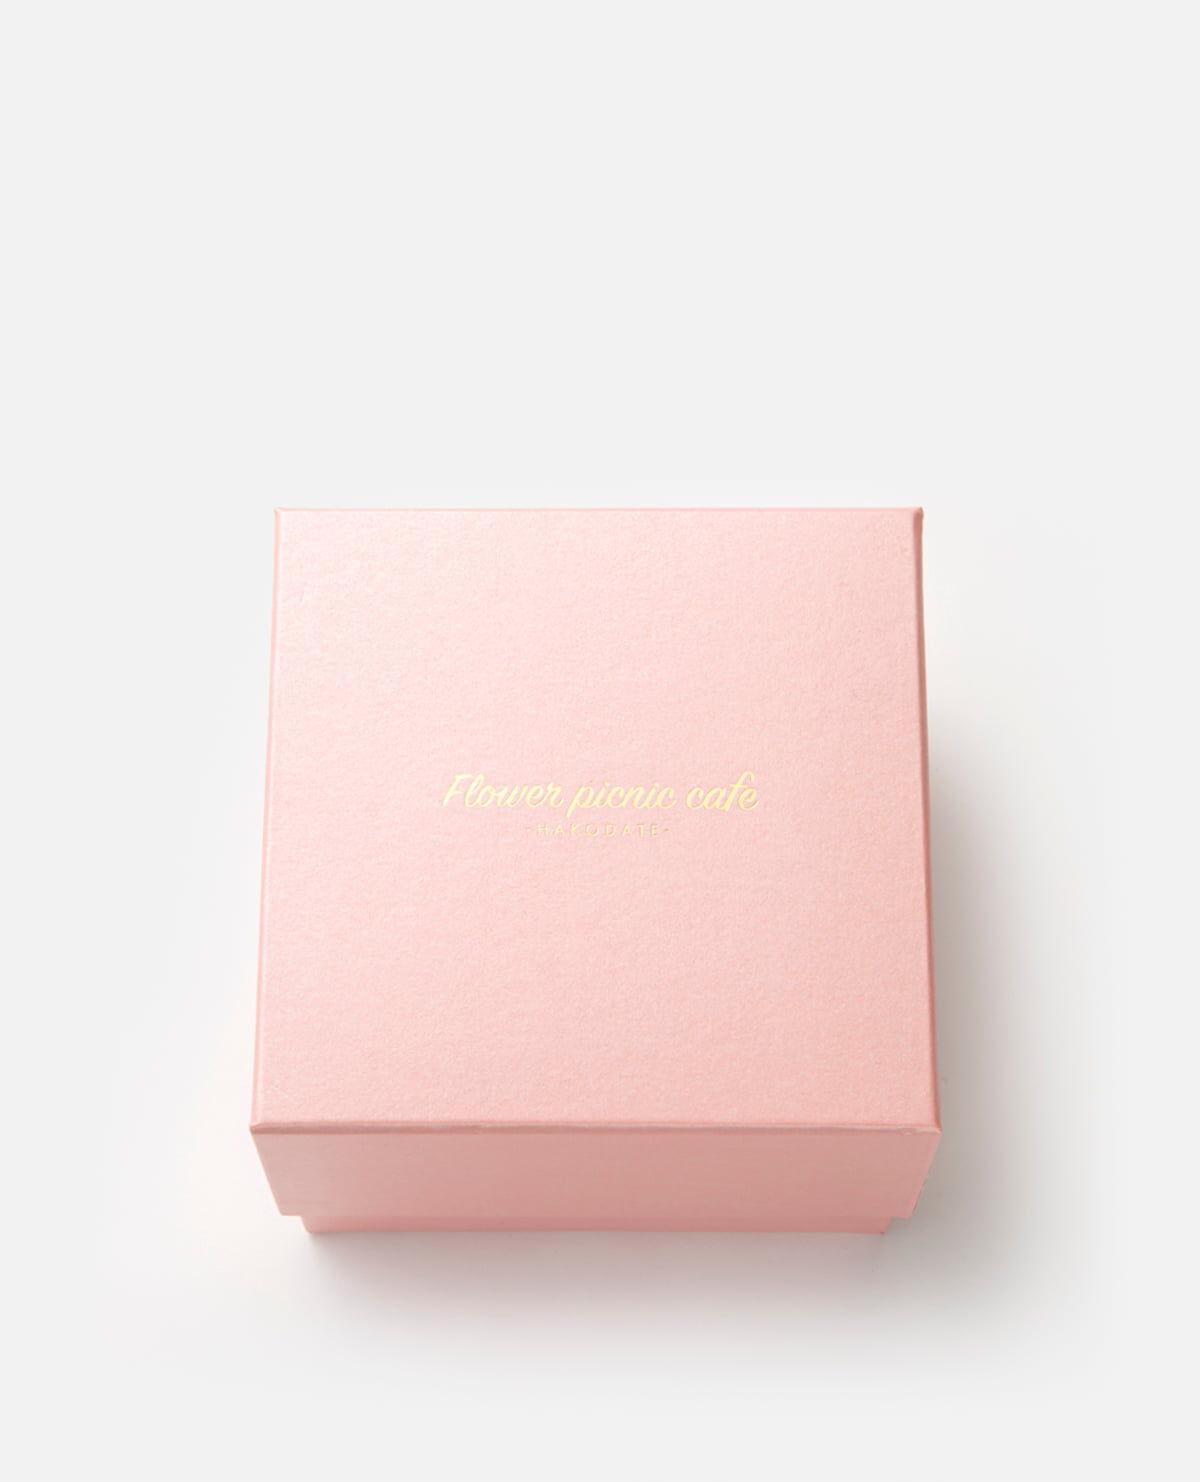 ブロッサムピンク食べられるお花のケーキ プレミアムボックスフラワーケーキ